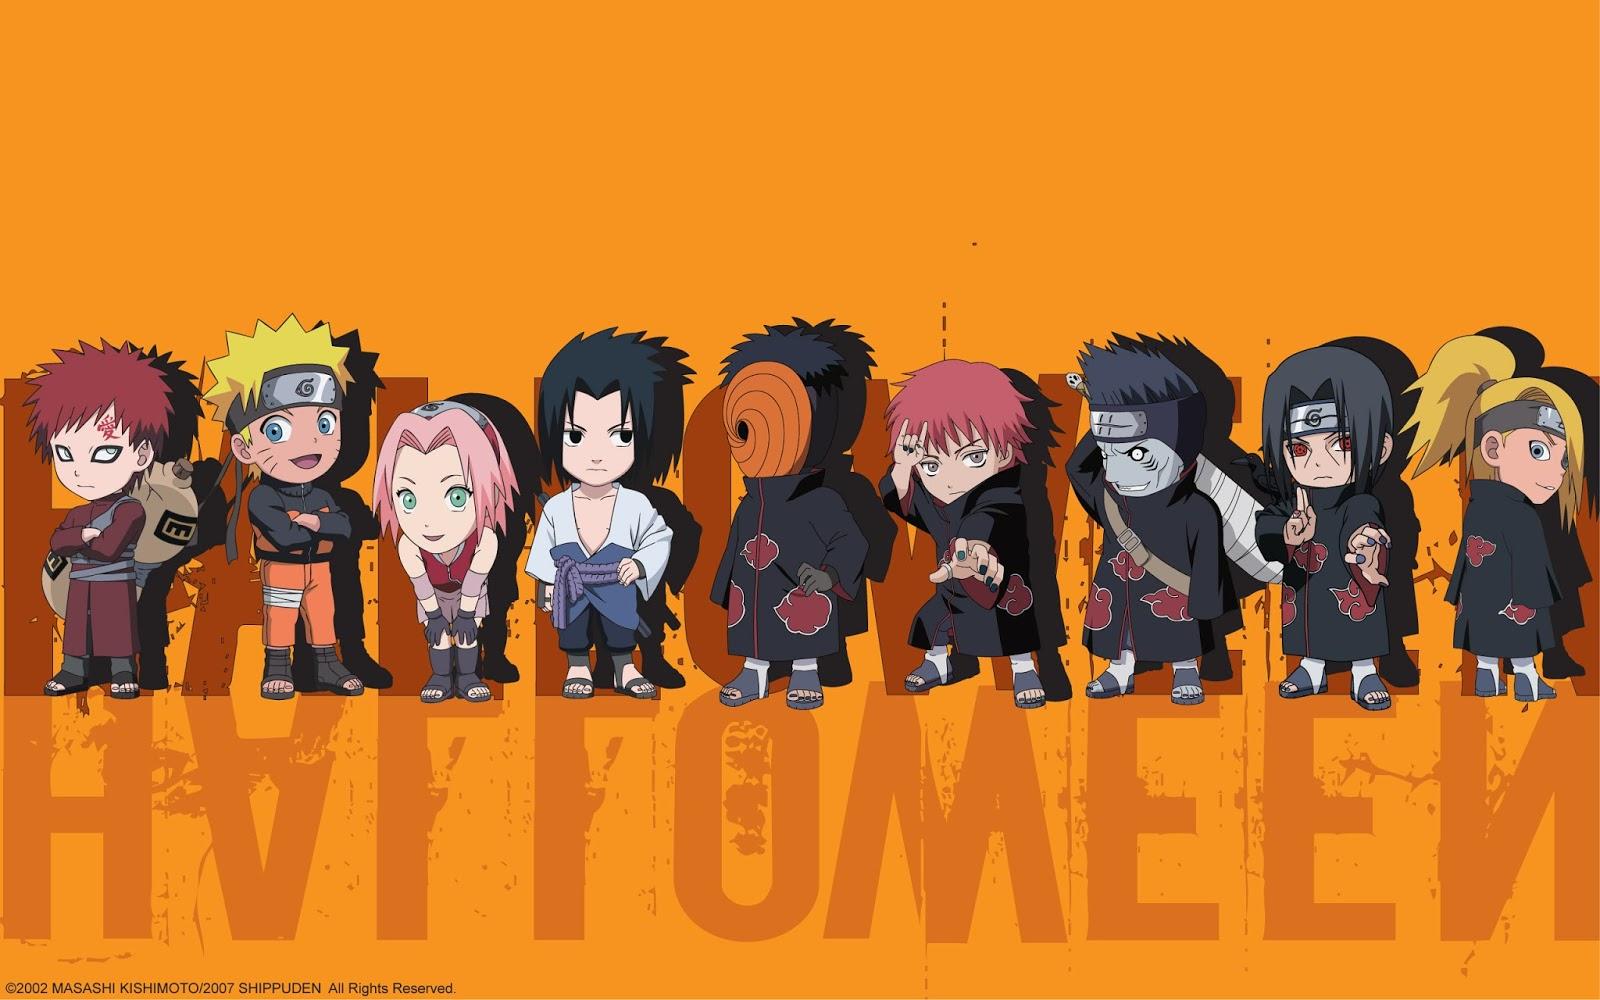 Good Wallpaper Naruto Desktop - Cute+Funny+Naruto+Shippuden+anime+hd+desktop+wallpapers  Photograph_579348.jpg